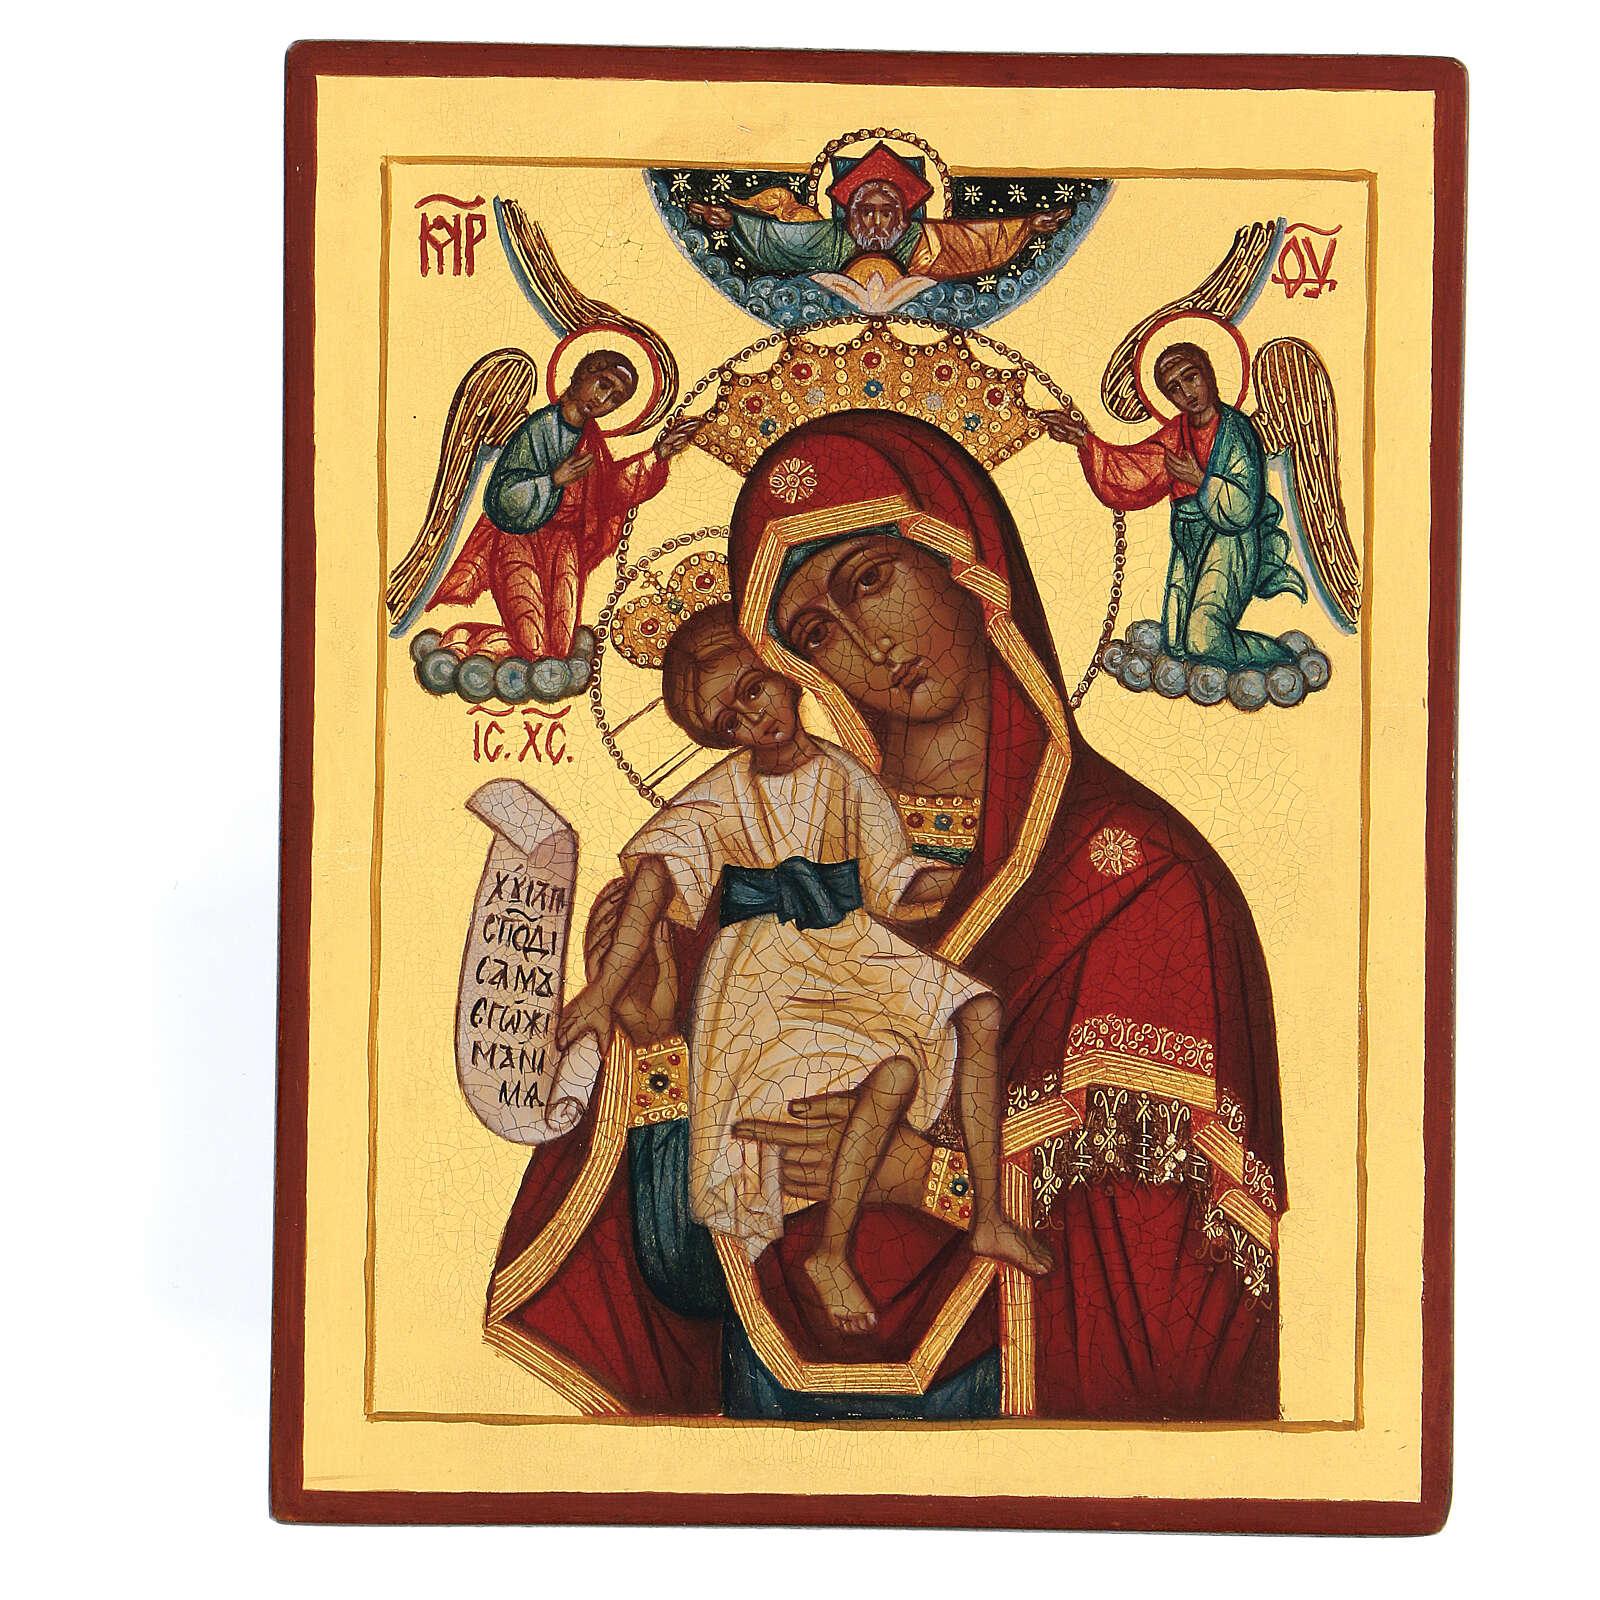 Russische Ikone, Muttergottes Wahrhaft würdig, handgemalt, 14x10 cm 4